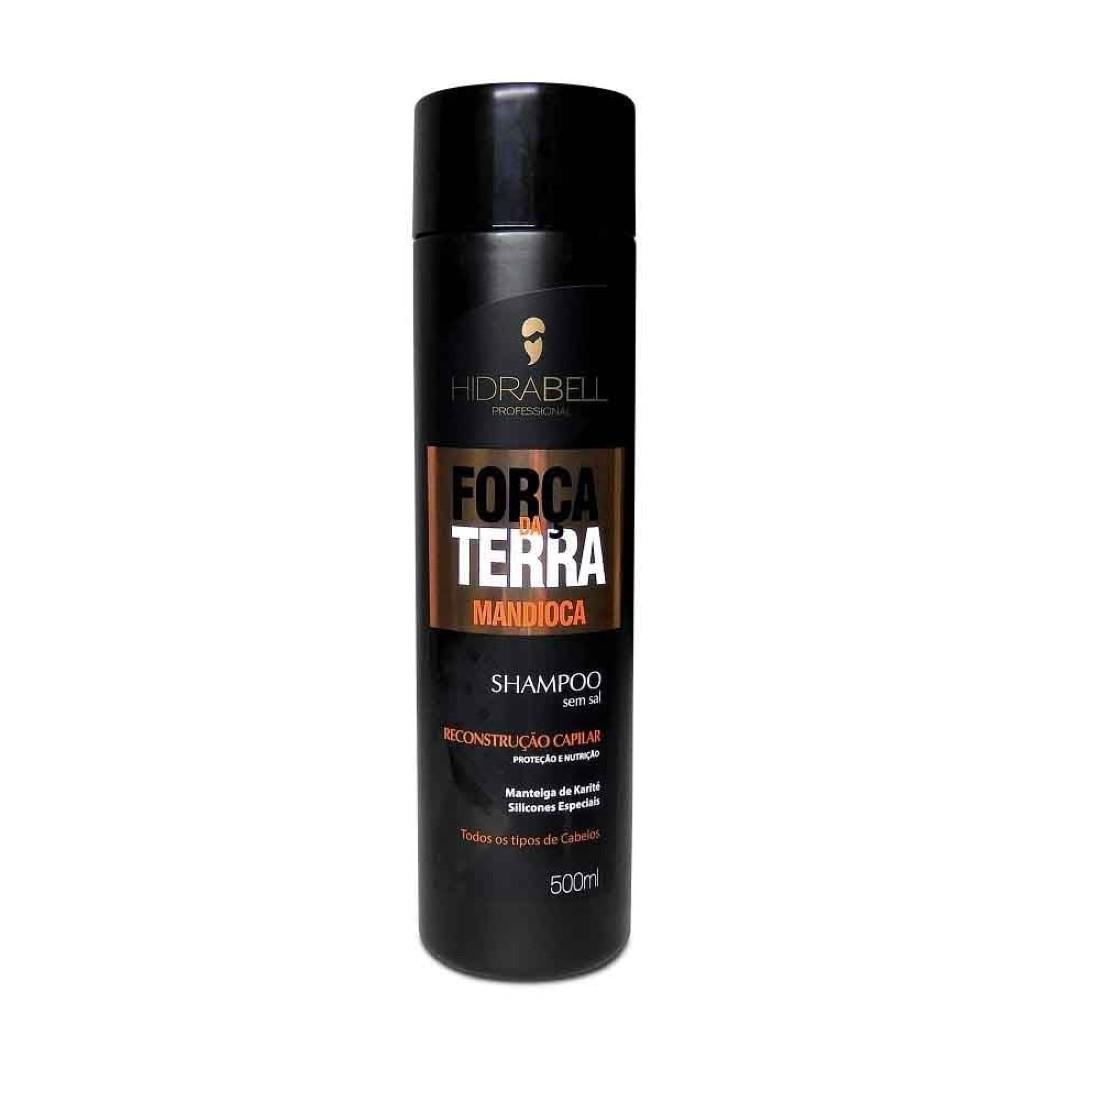 Shampoo Força da Terra Mandioca 500ml - Hidrabell